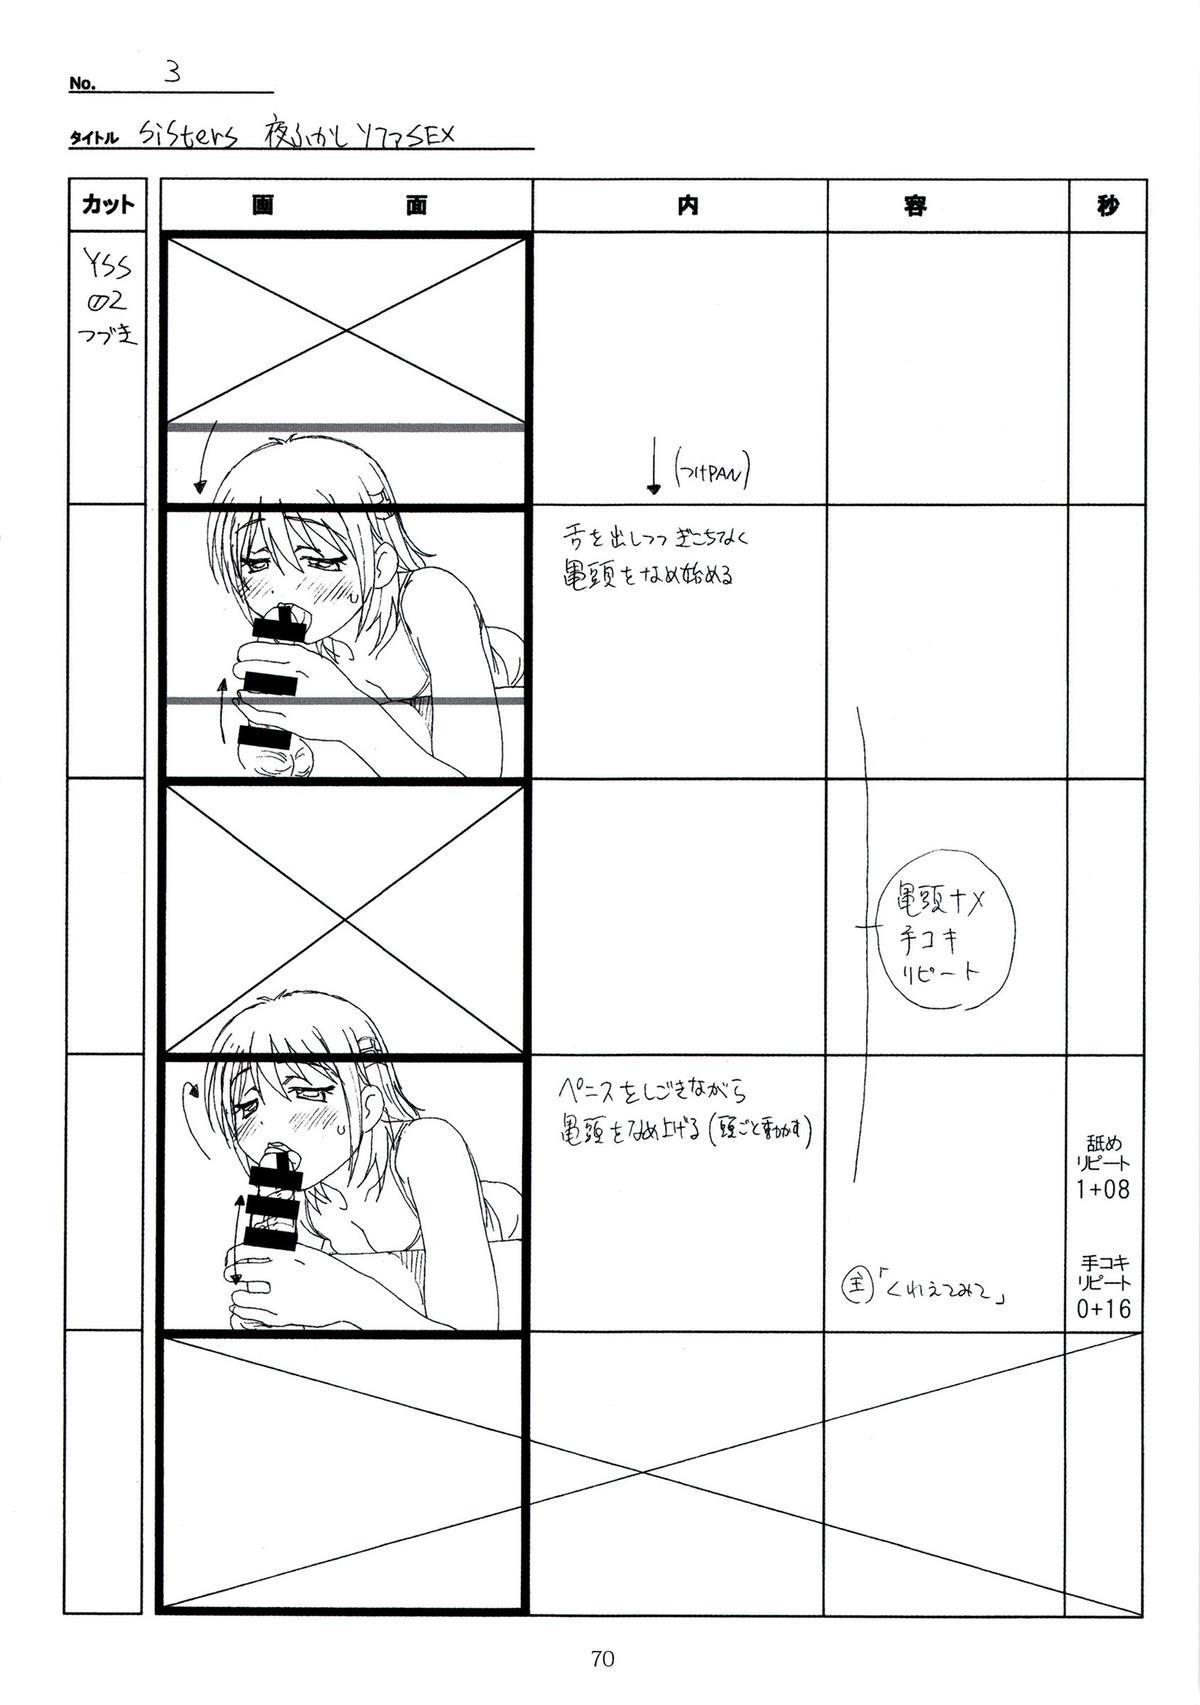 (C89) [Makino Jimusho (Taki Minashika)] SISTERS -Natsu no Saigo no Hi- H Scene All Part Storyboard (SISTERS -Natsu no Saigo no Hi-) 69